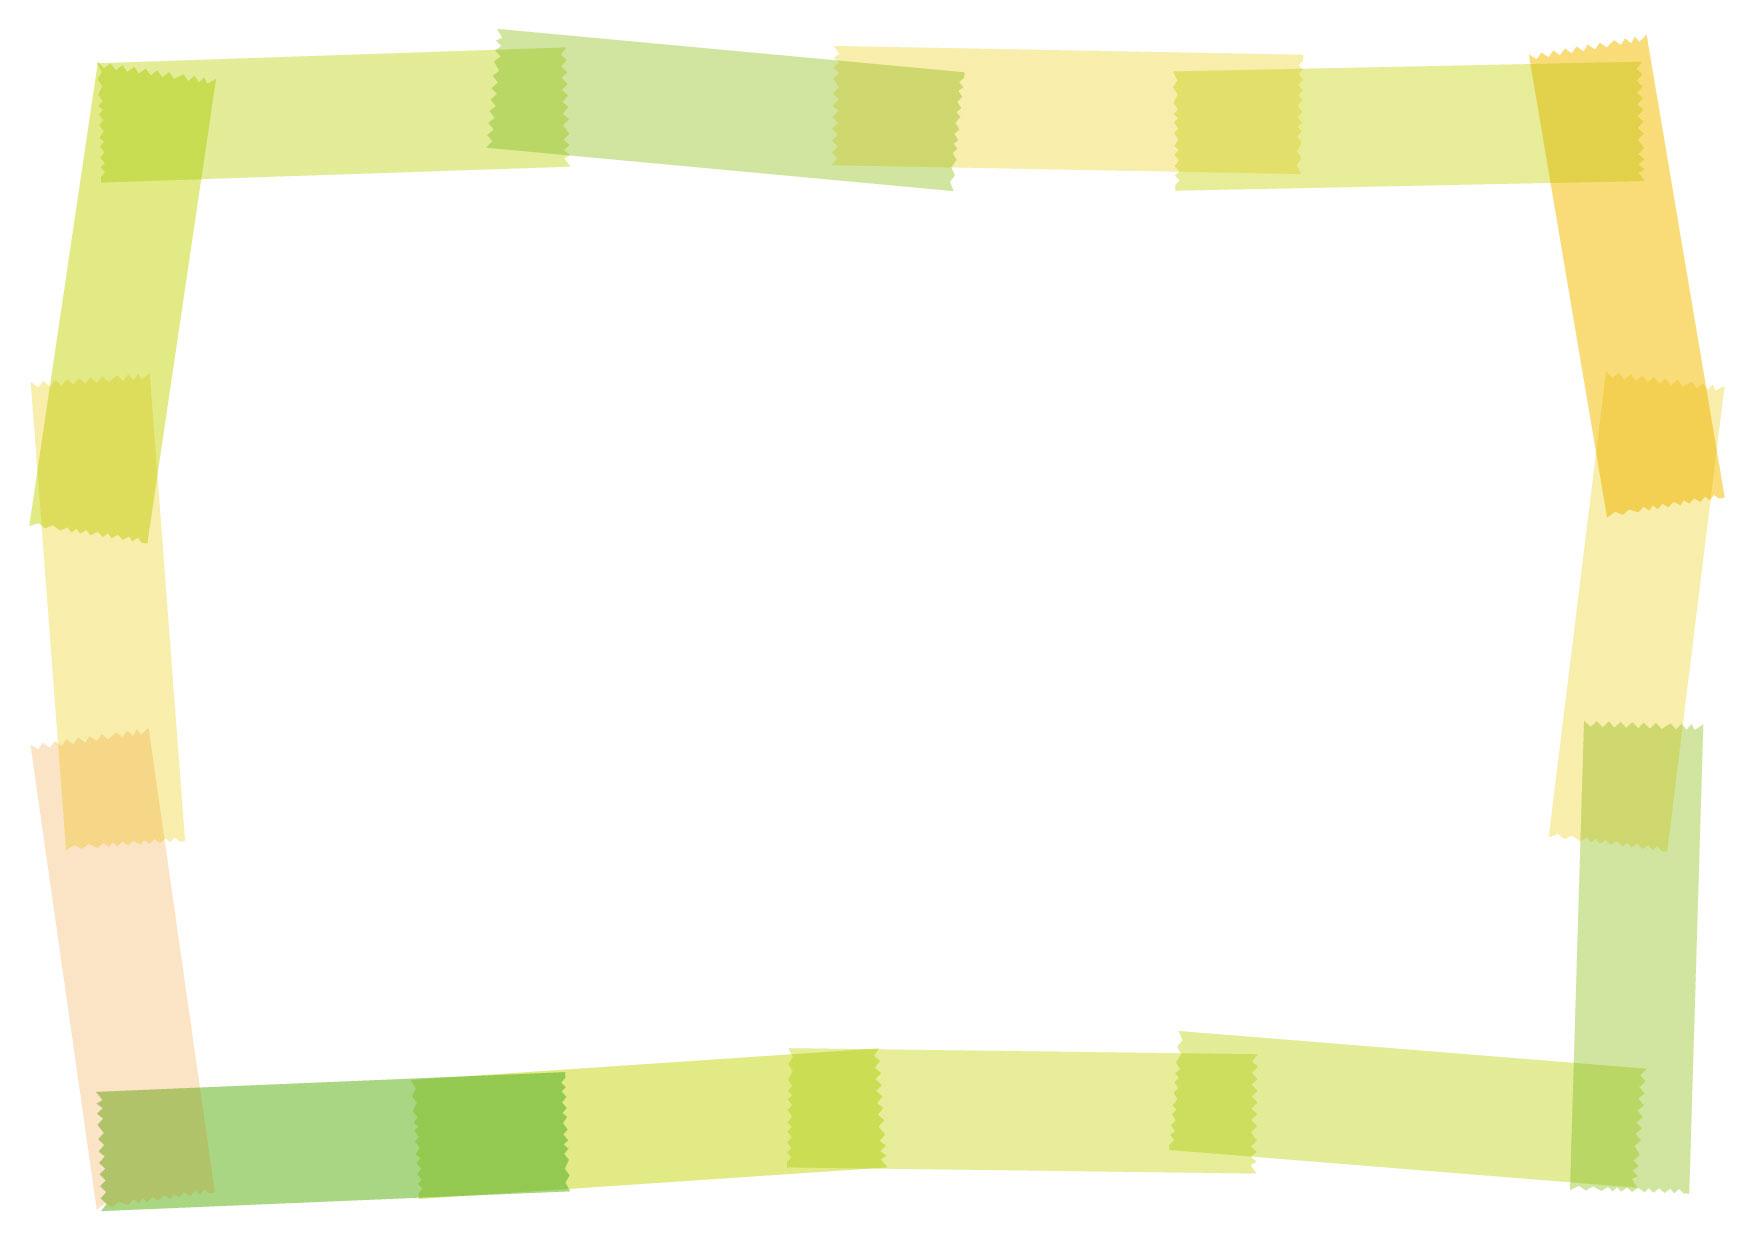 マスキングテープ フレーム 黄 イラスト 無料 | イラストダウンロード